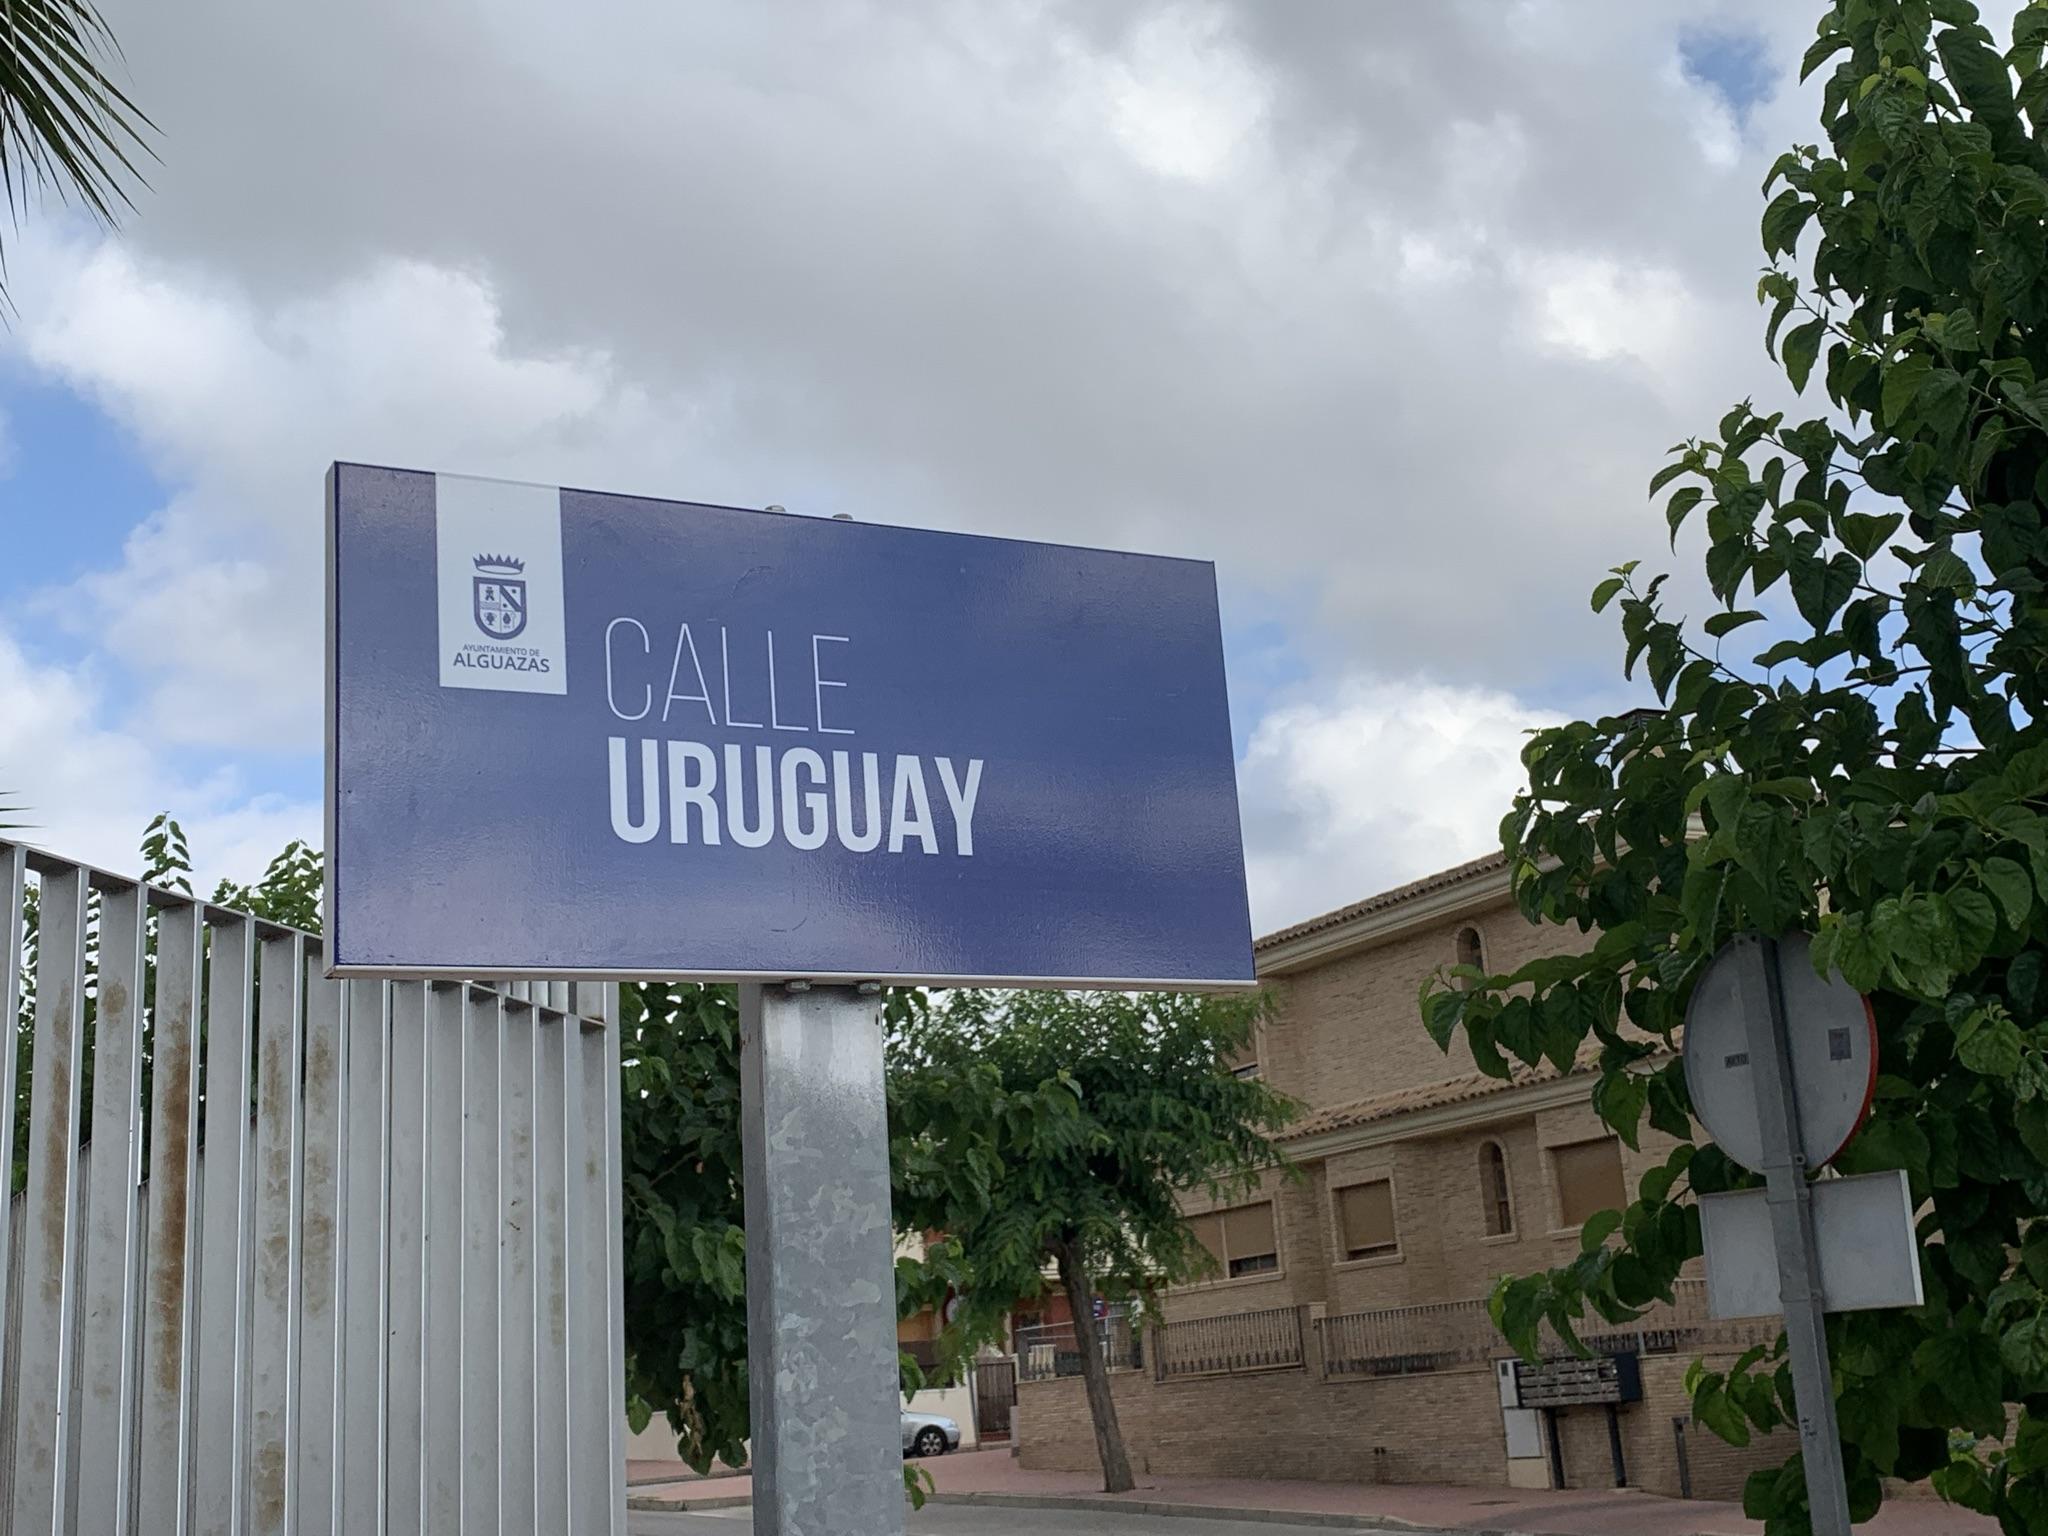 Diseño de las nuevas placas de calles en Alguazas.